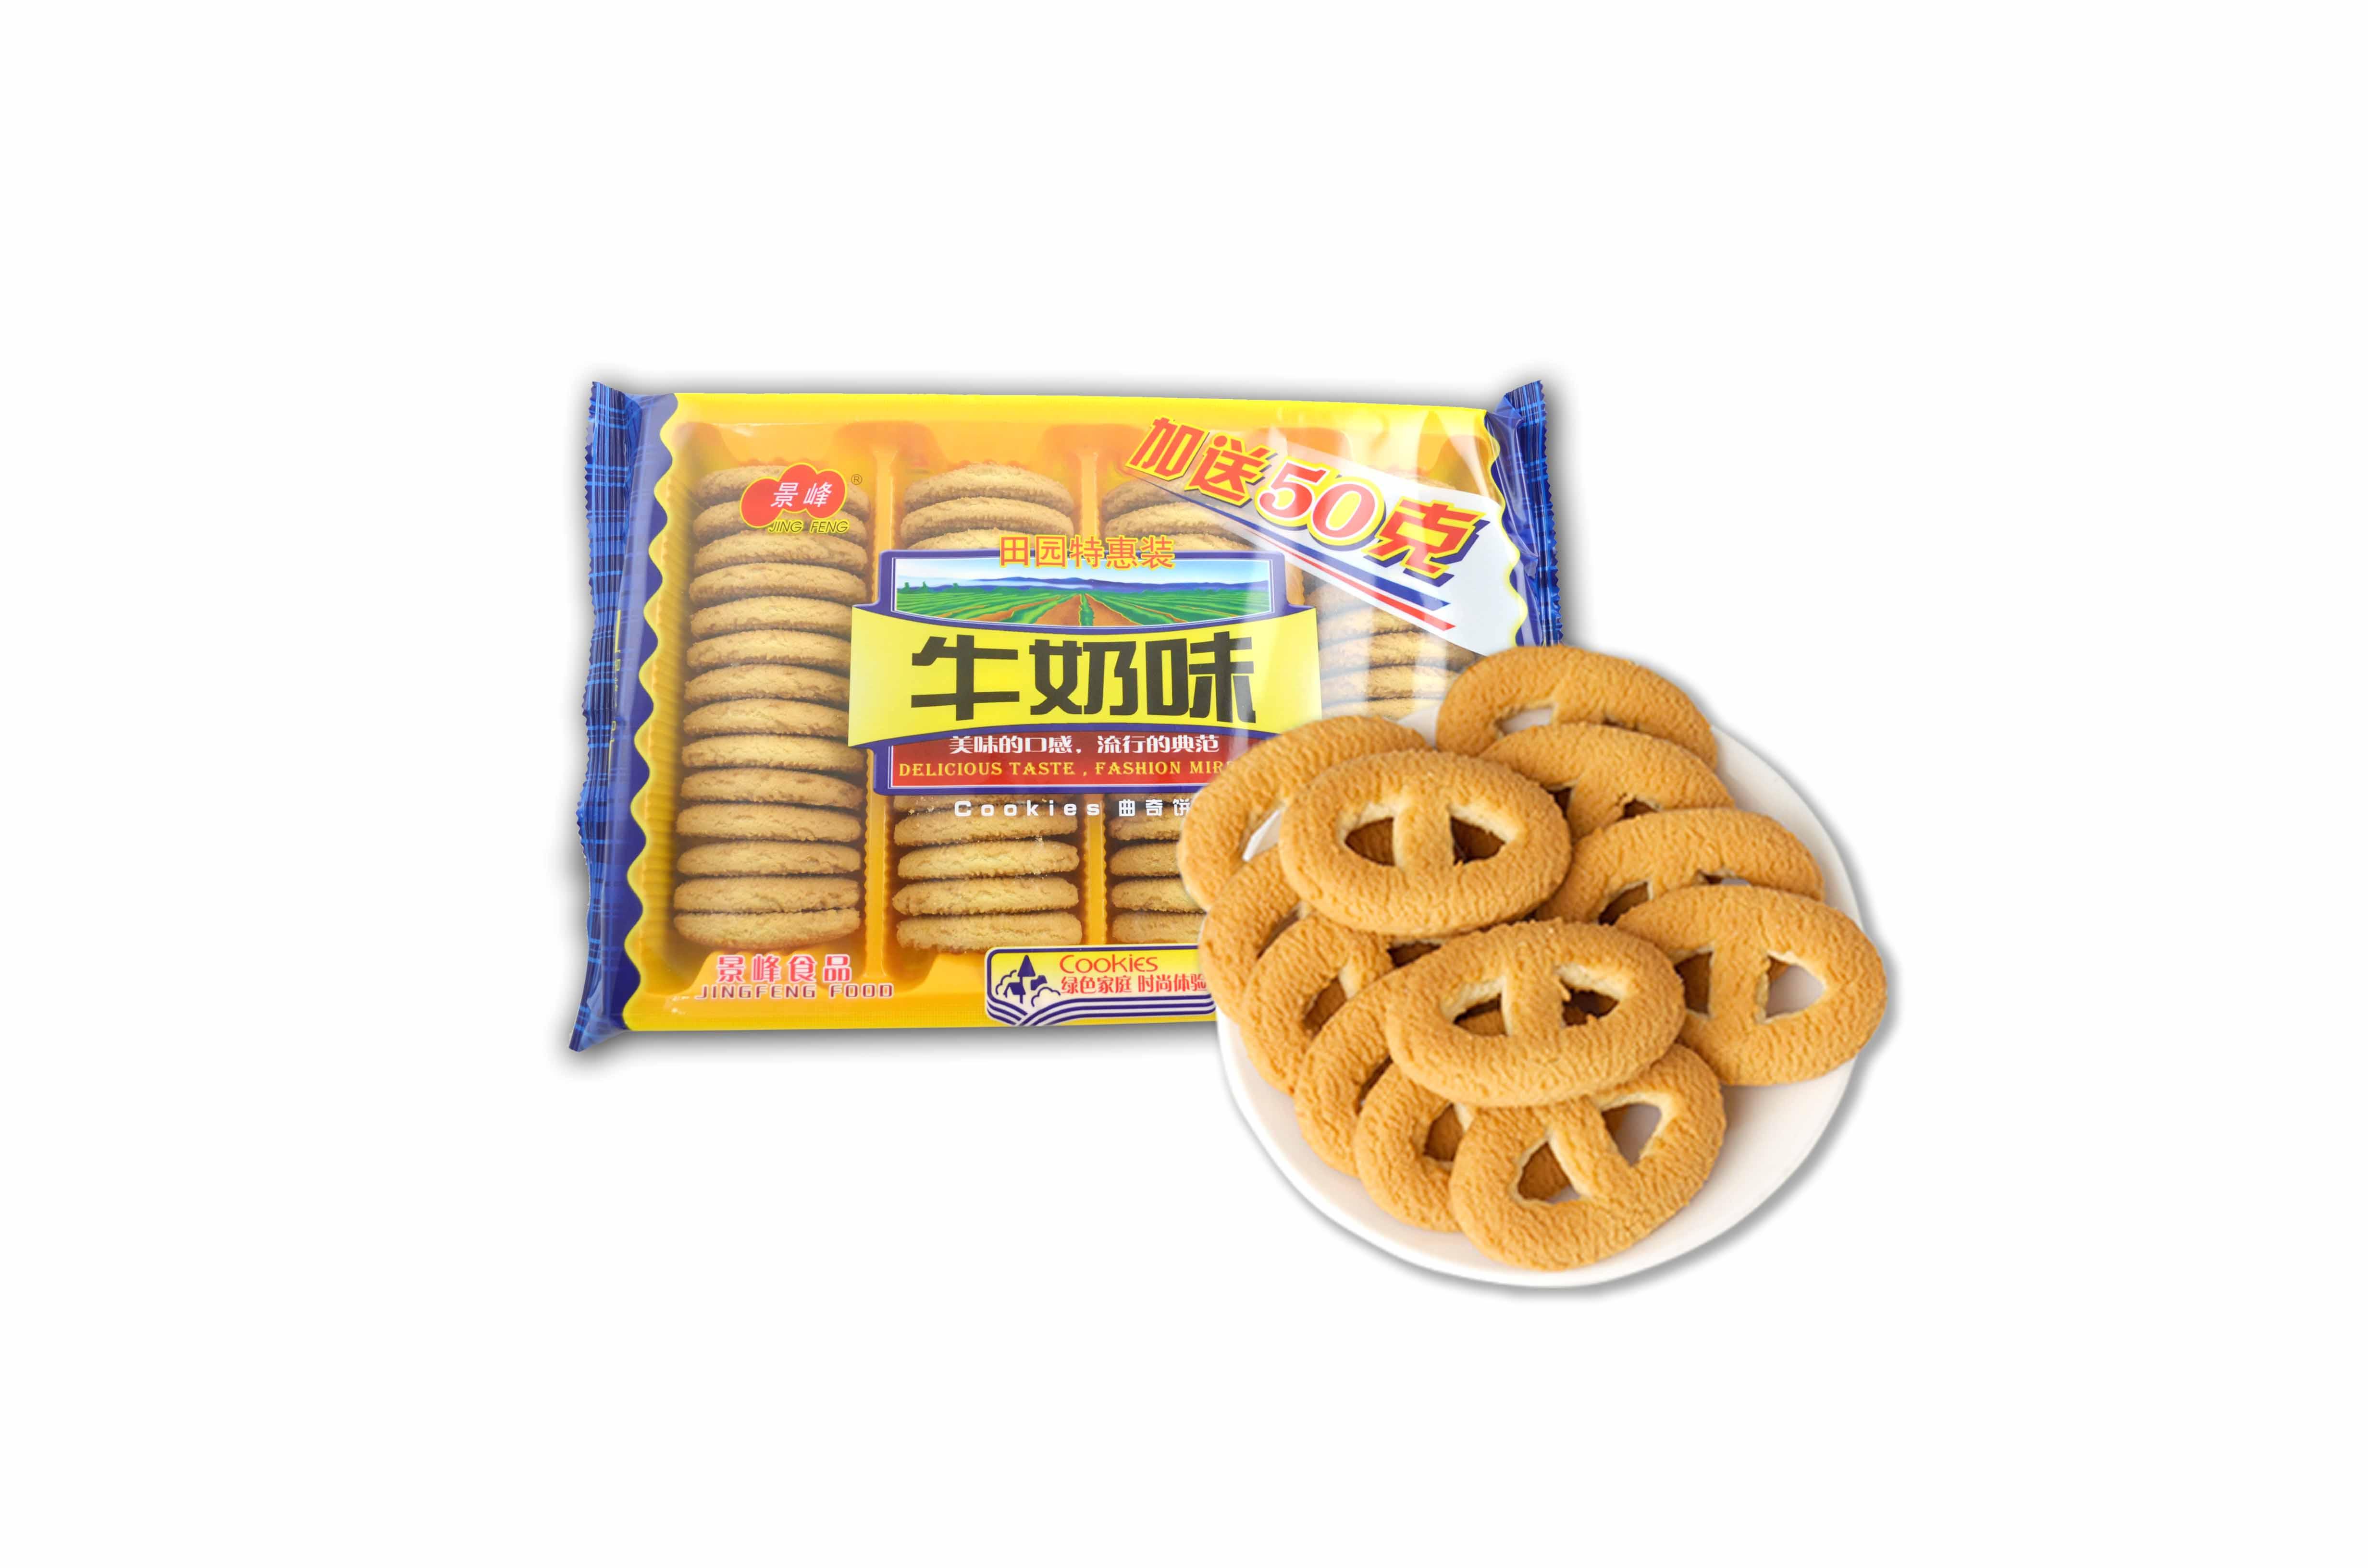 牛奶味曲奇饼干(380g)